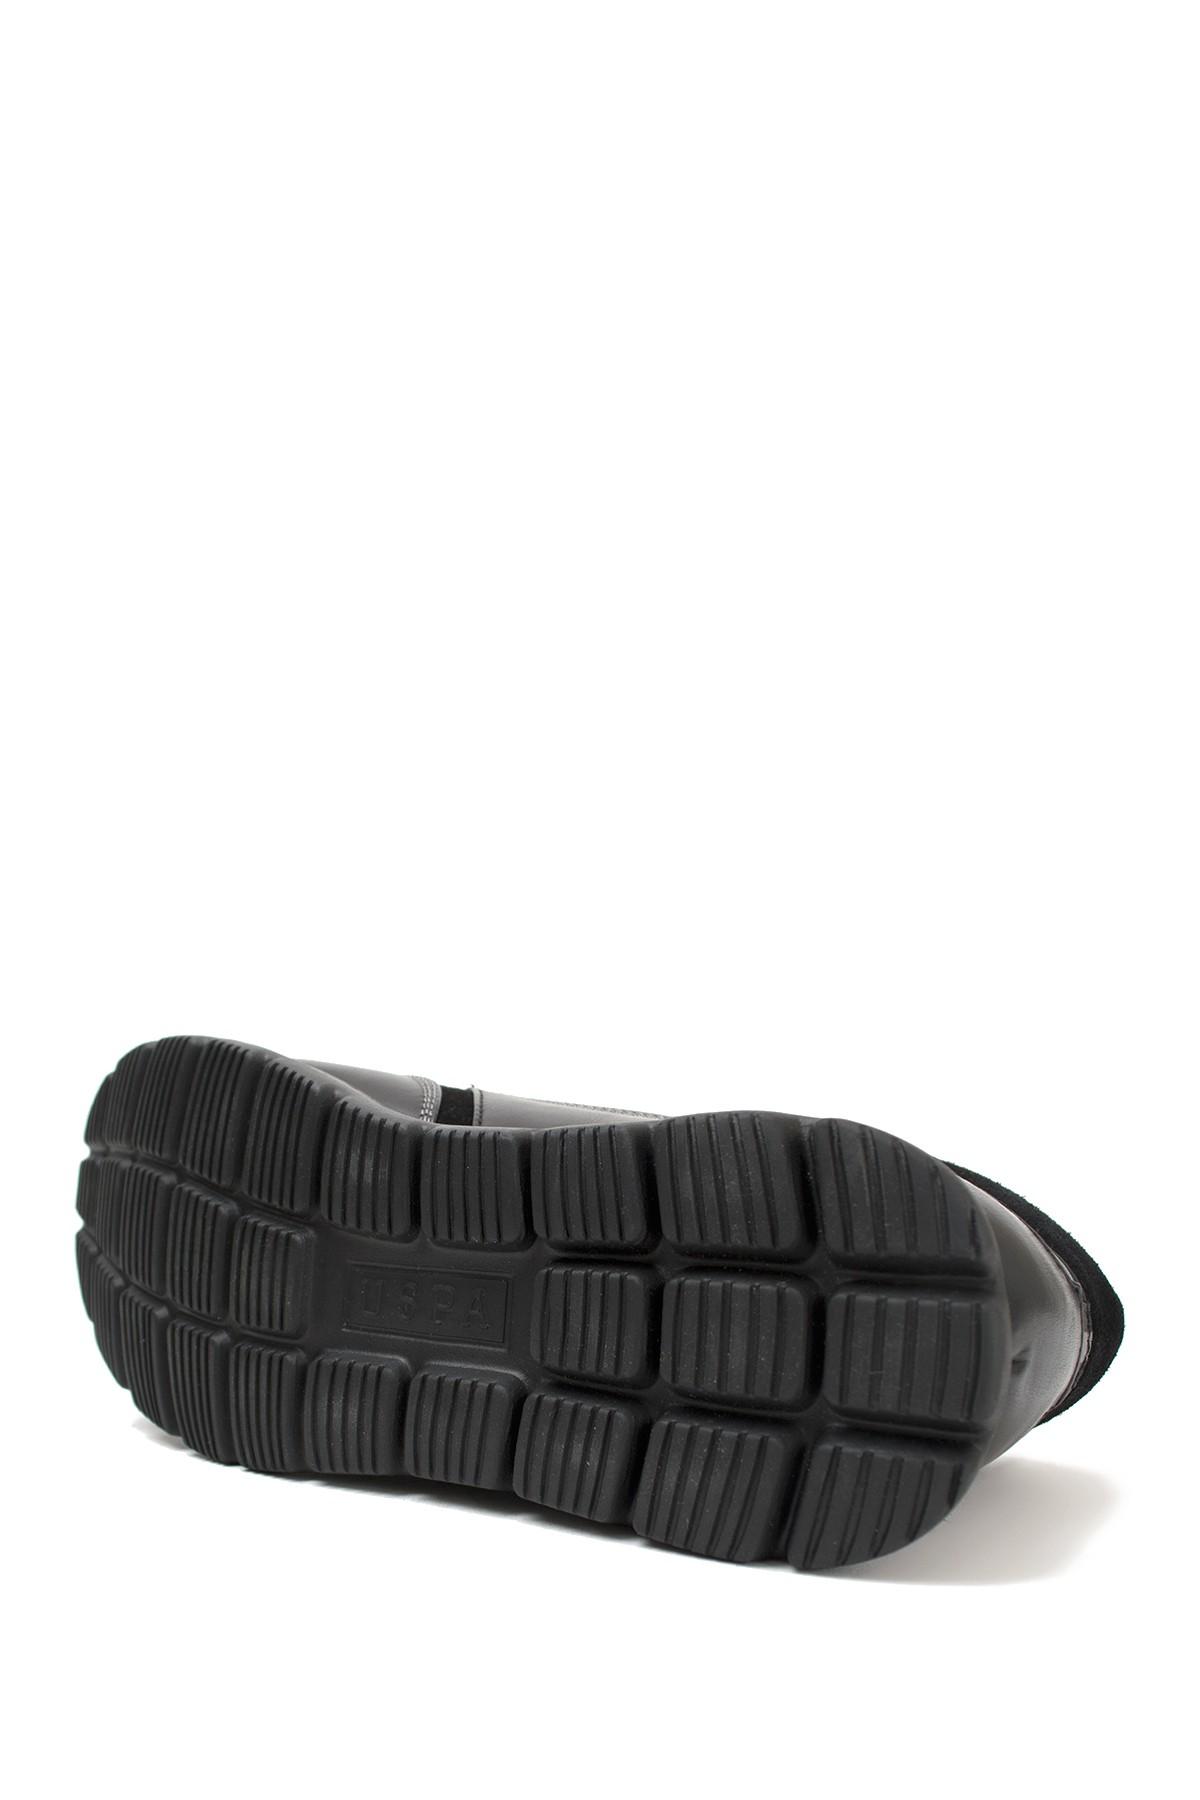 U S Polo Assn Mercer Chukka Boot In Black For Men Lyst